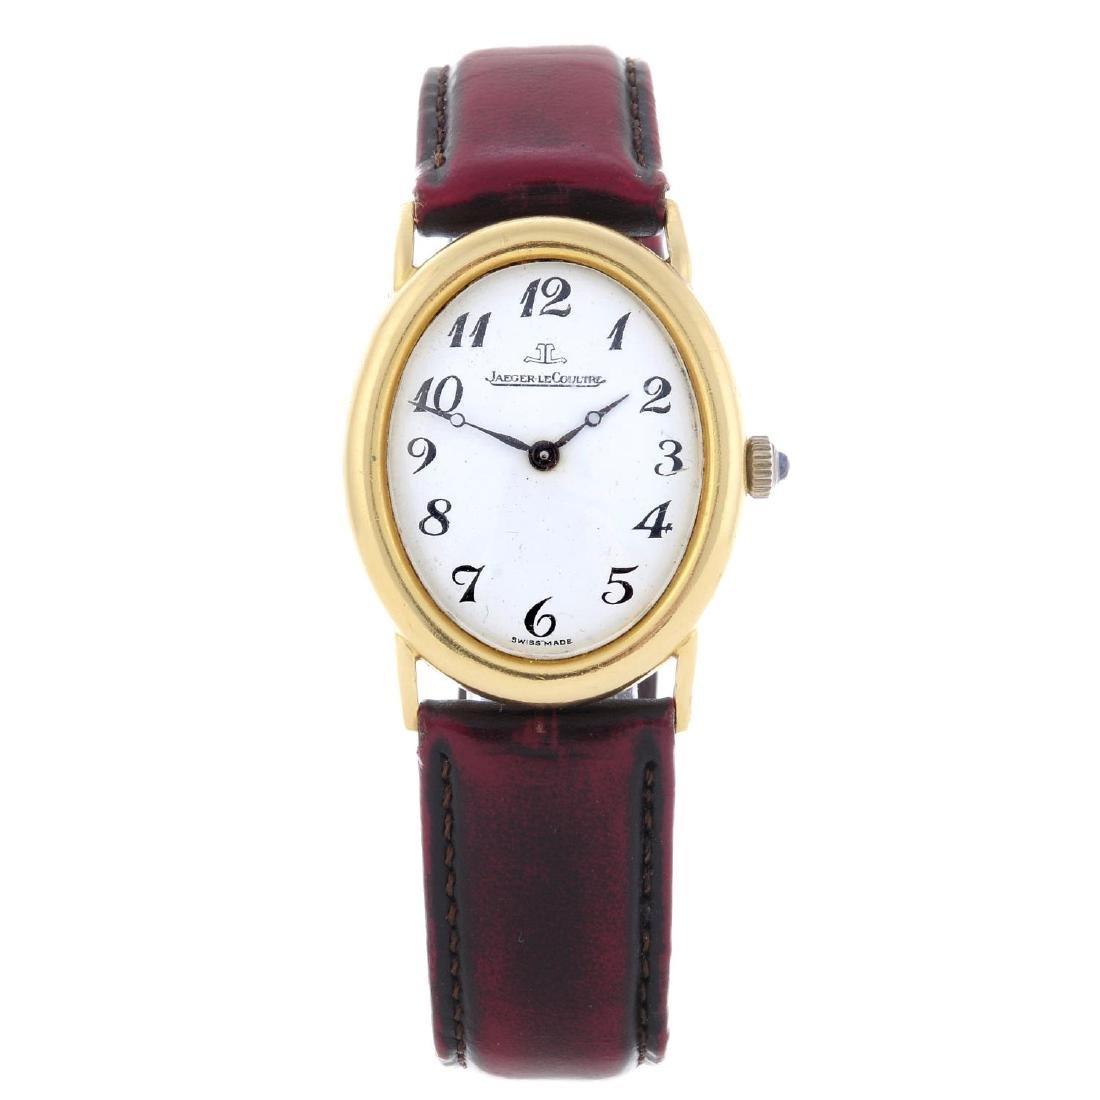 JAEGER-LECOULTRE - a gentleman's wrist watch. Yellow